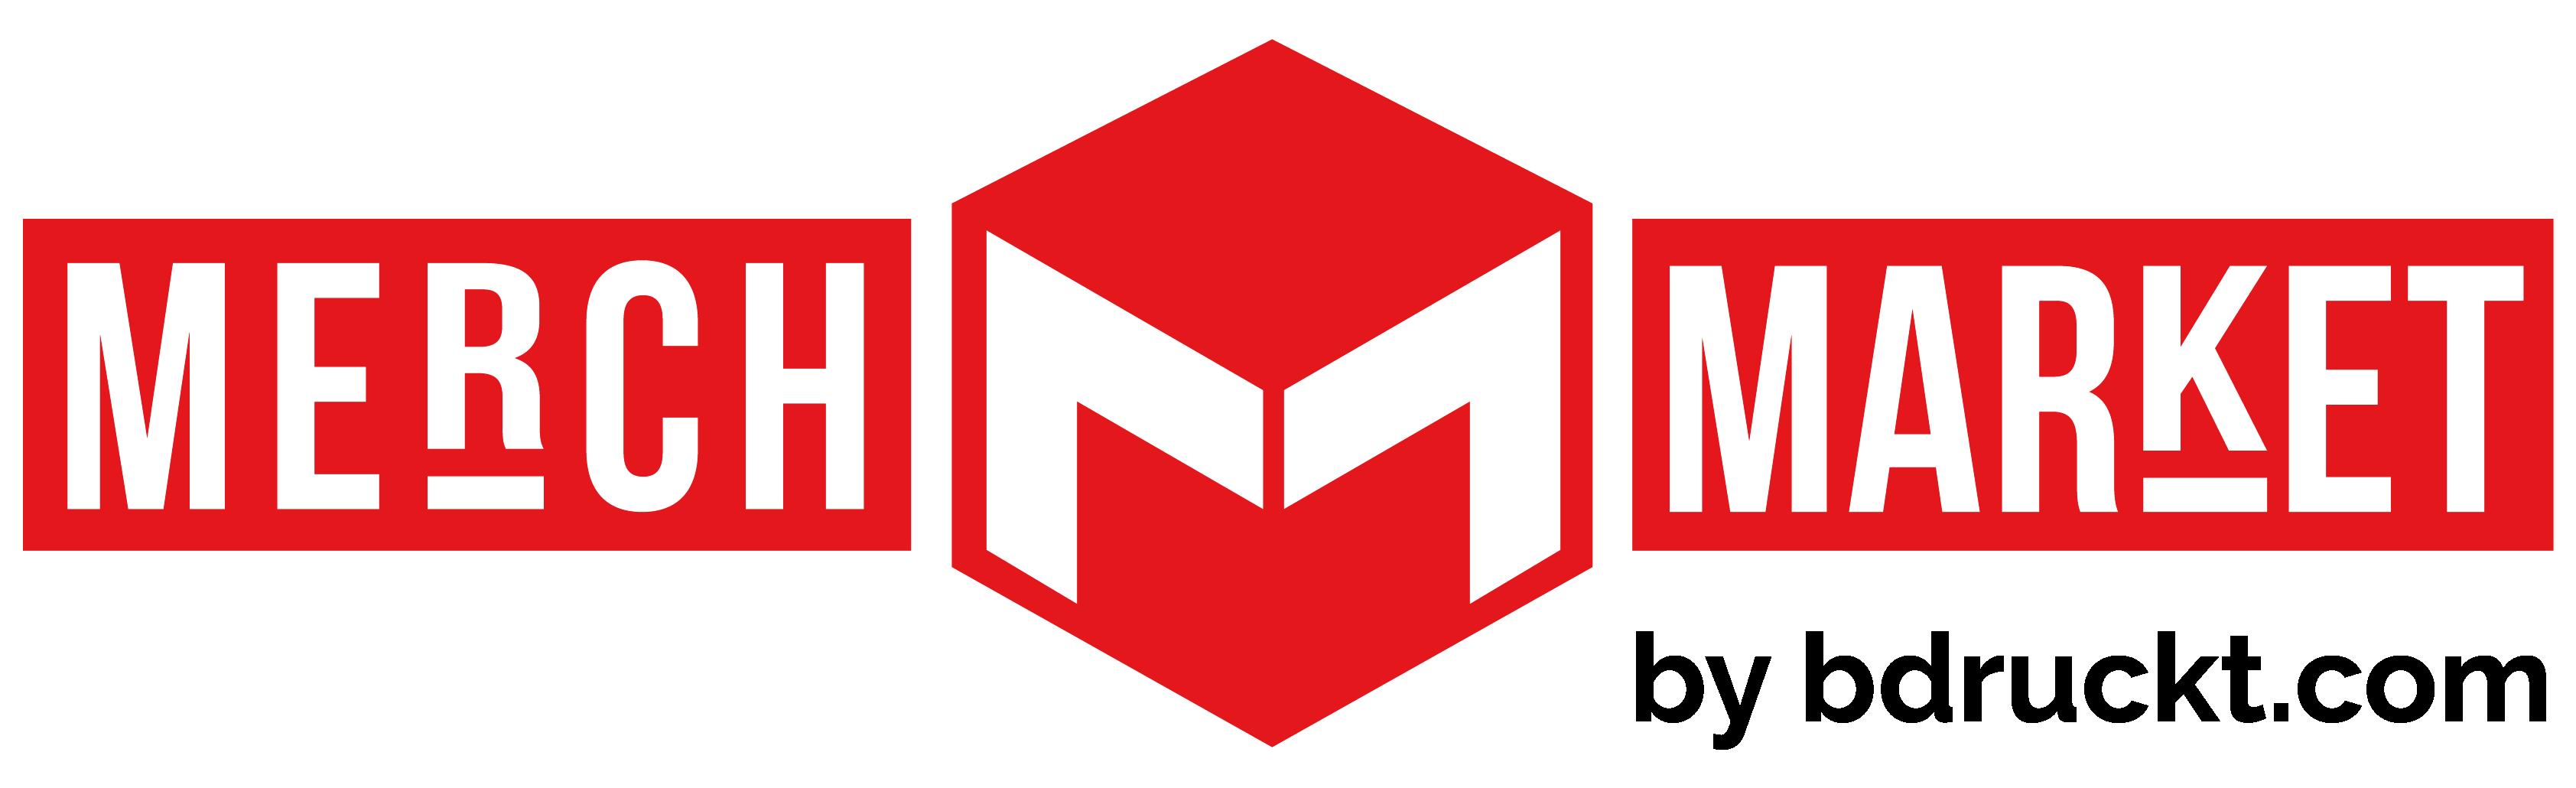 MerchMarket by bdruckt.com-Logo